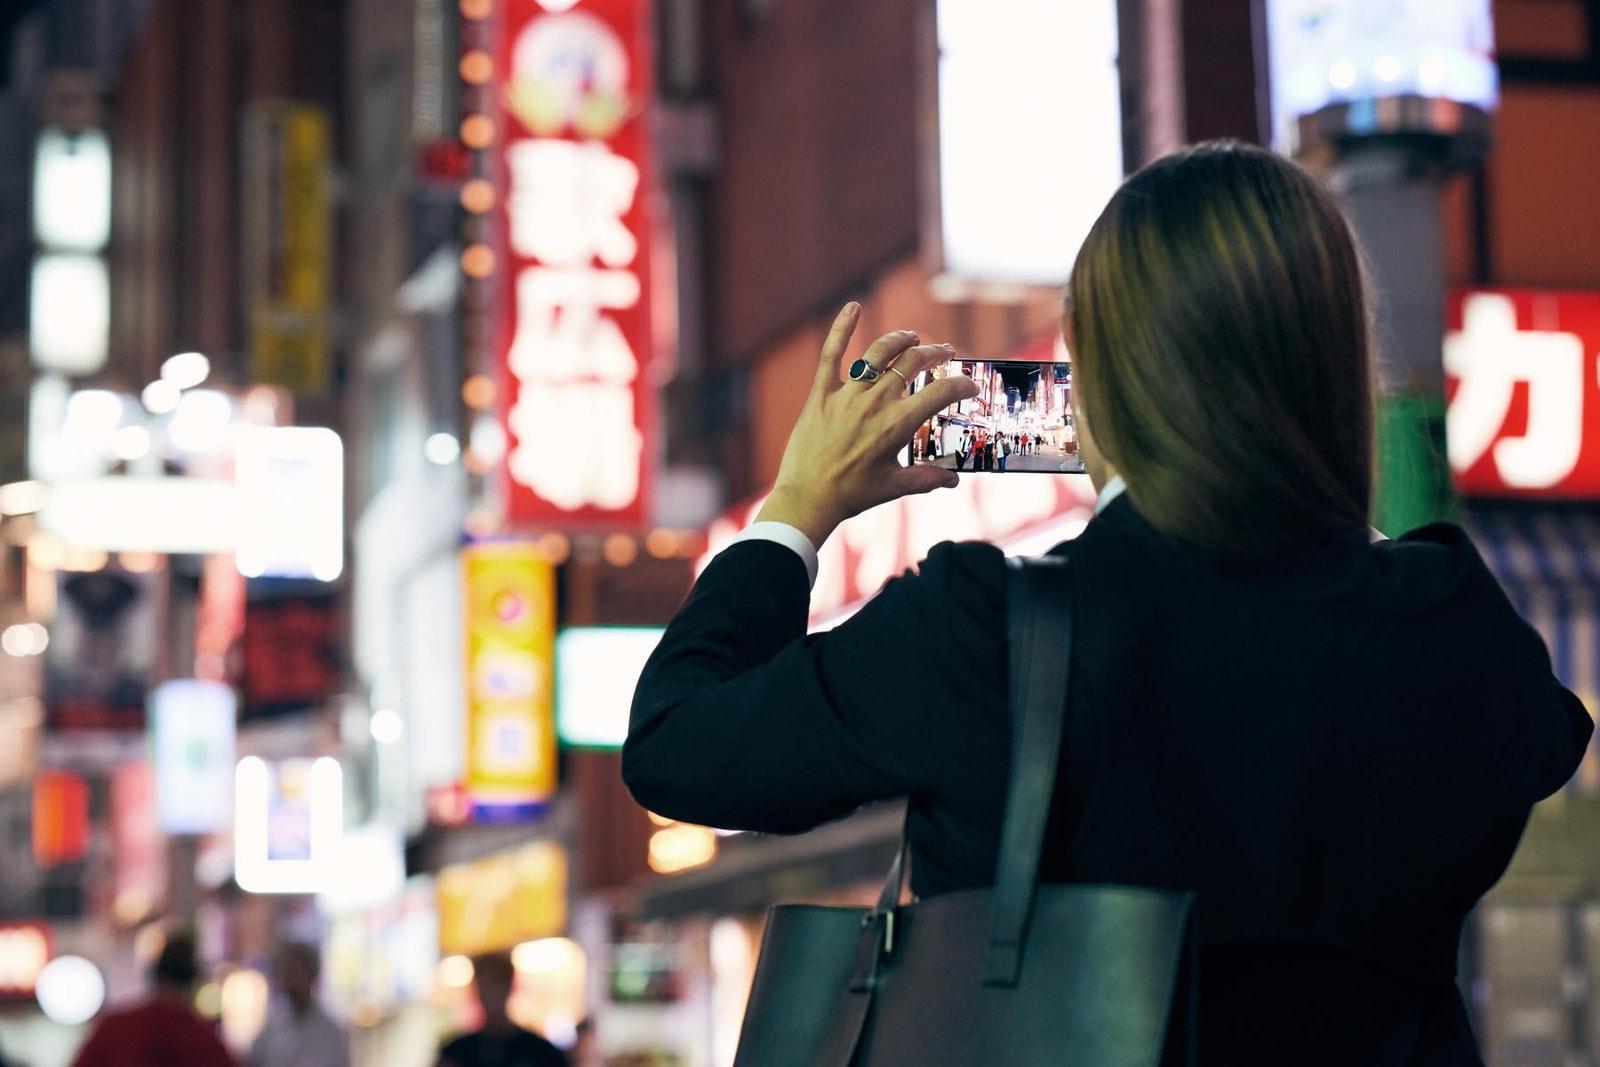 ココ・キャピタン、ギャラクシーノート10+と東京の街を歩く COCO CAPITÁN, GALAXY,  GALAXY NOTE 10+